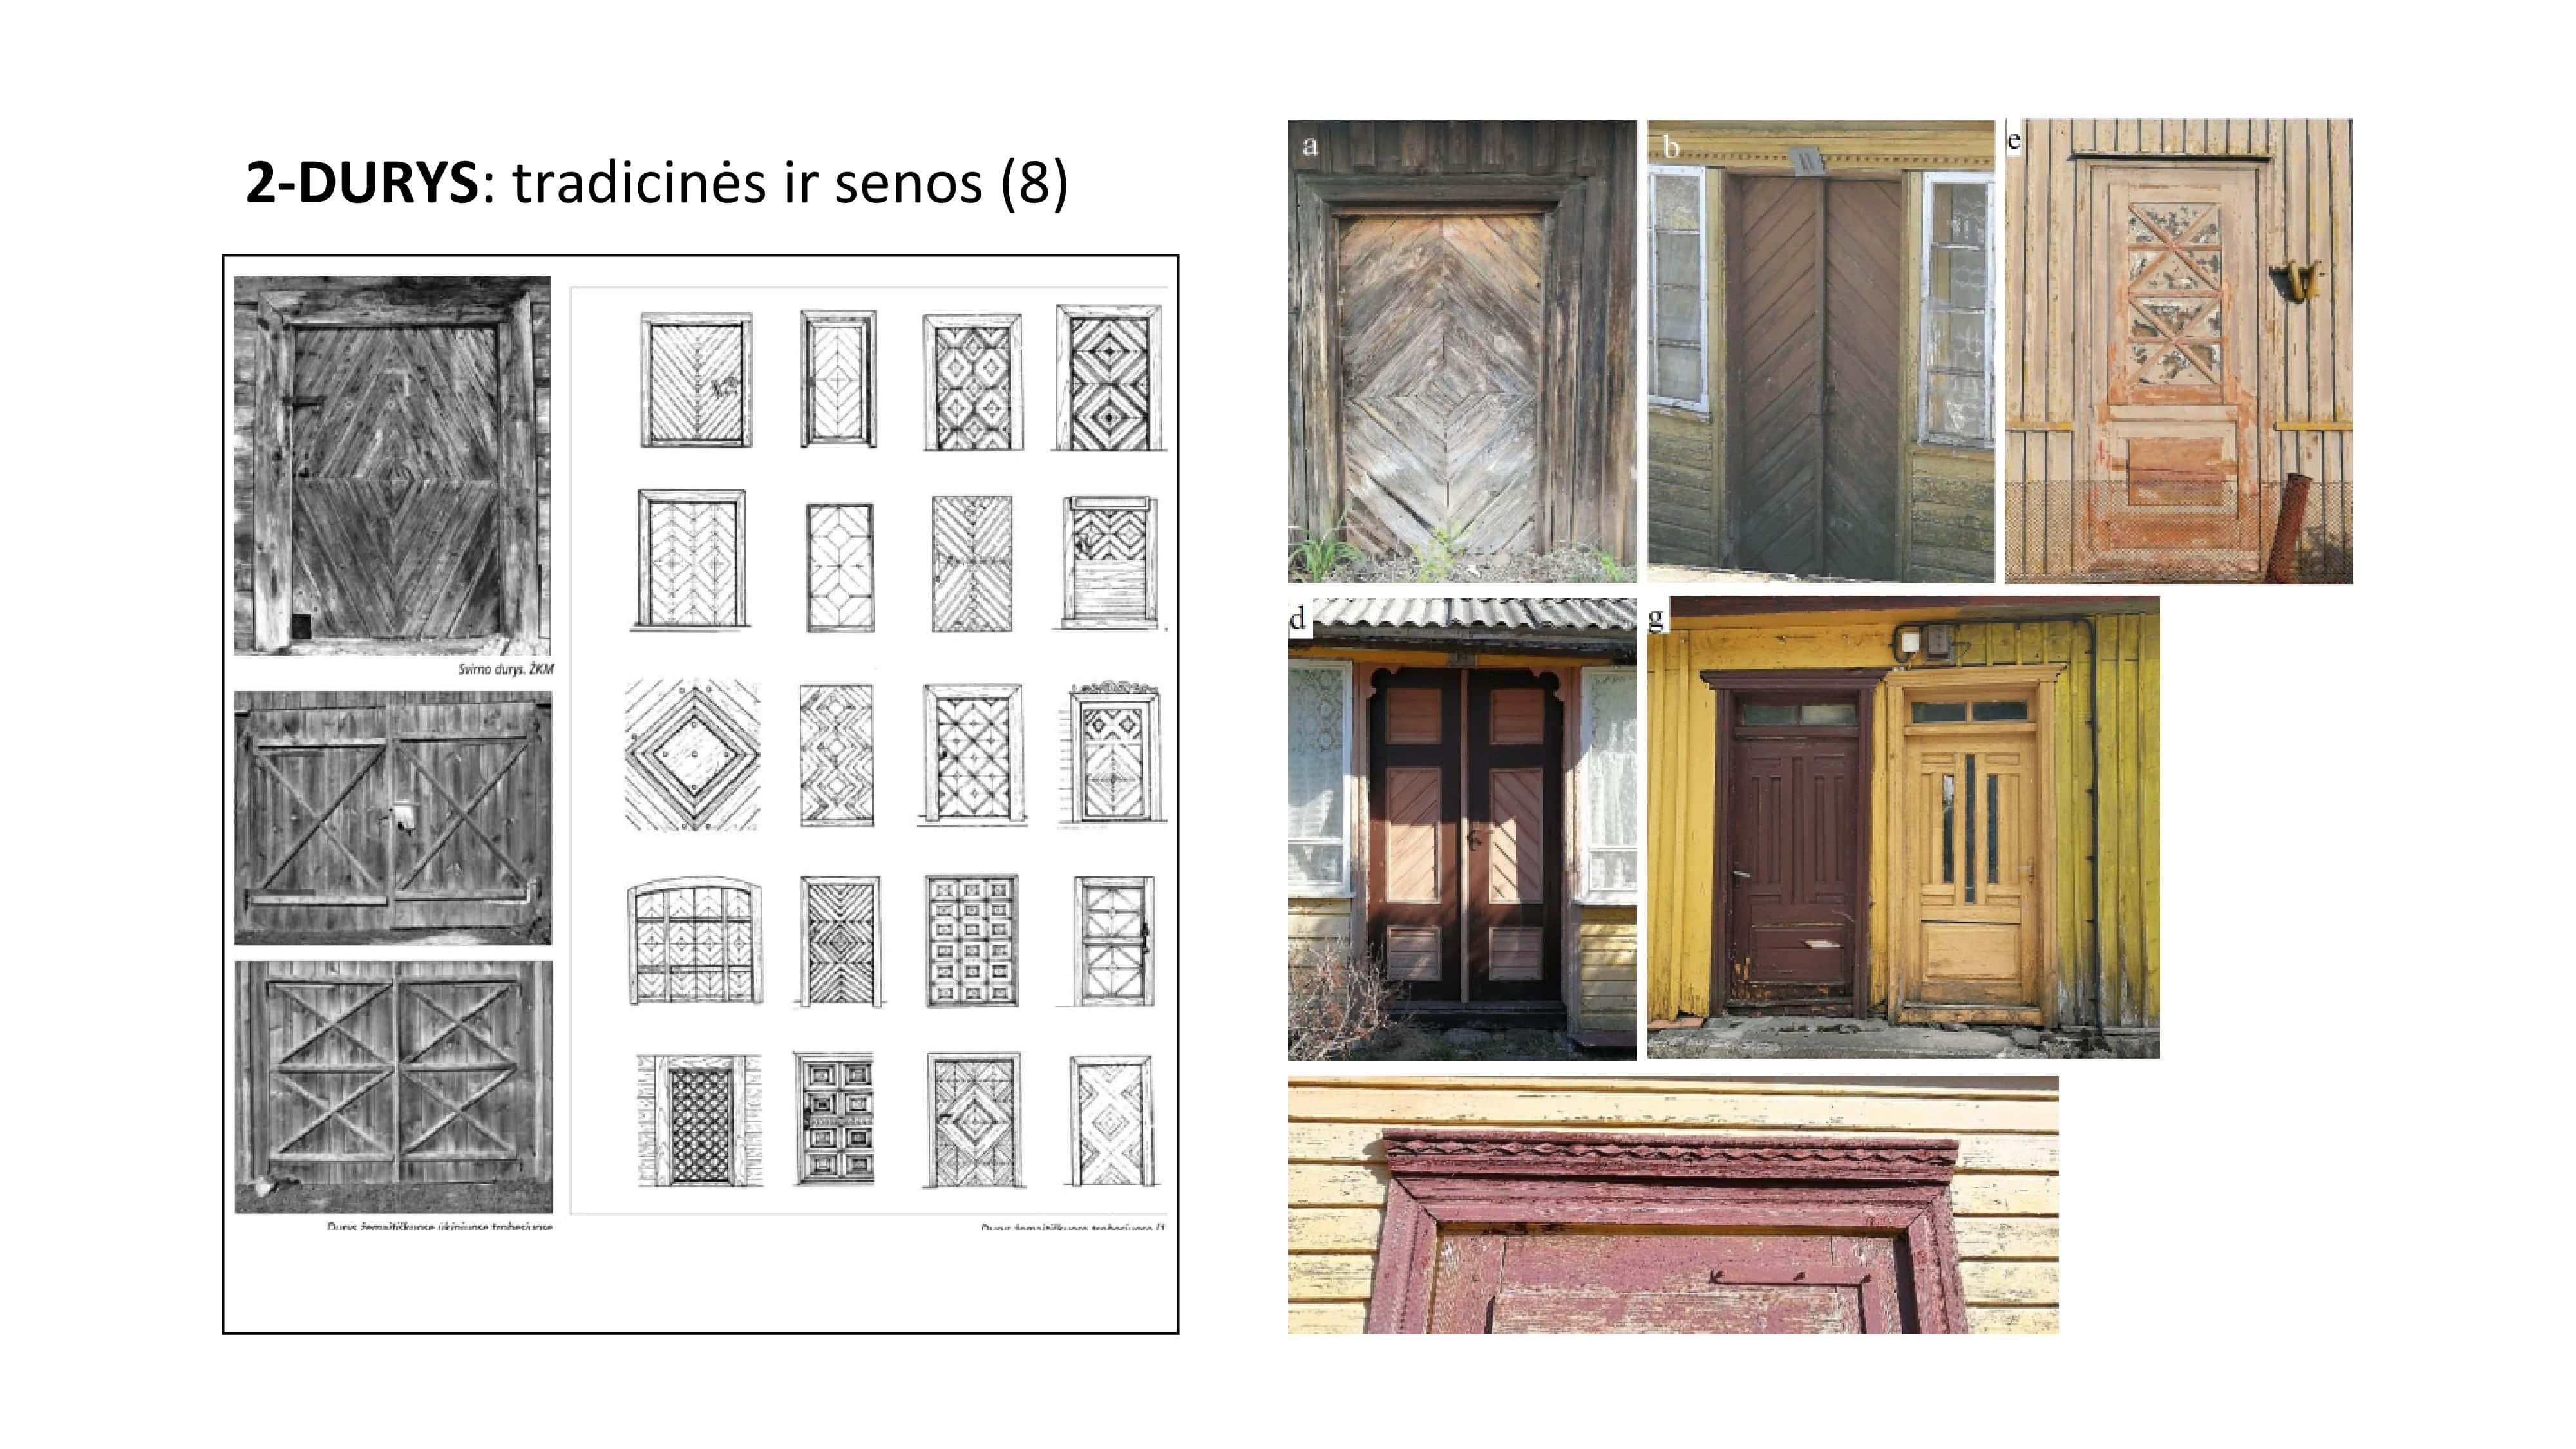 medinės durys tradicinės ir senosios